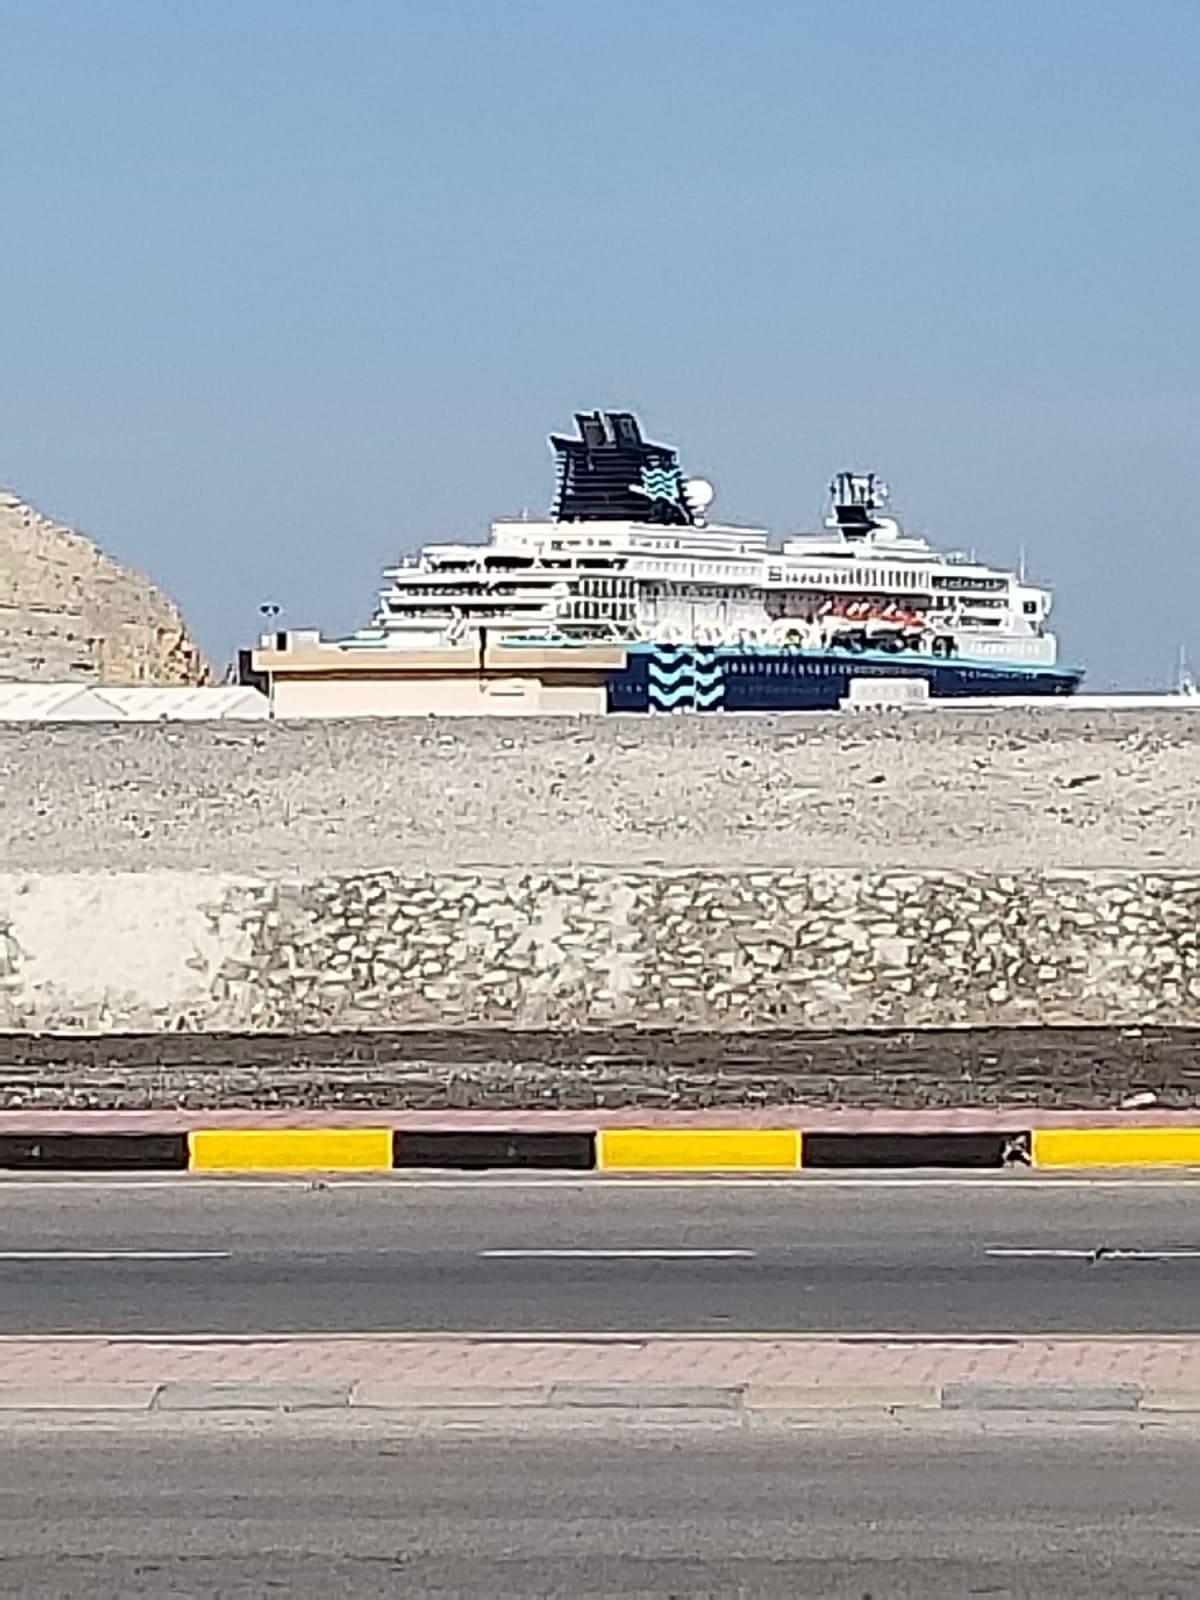 プルマントゥール・ホライゾン号 | 客船プルマントゥール・ホライズンの外観